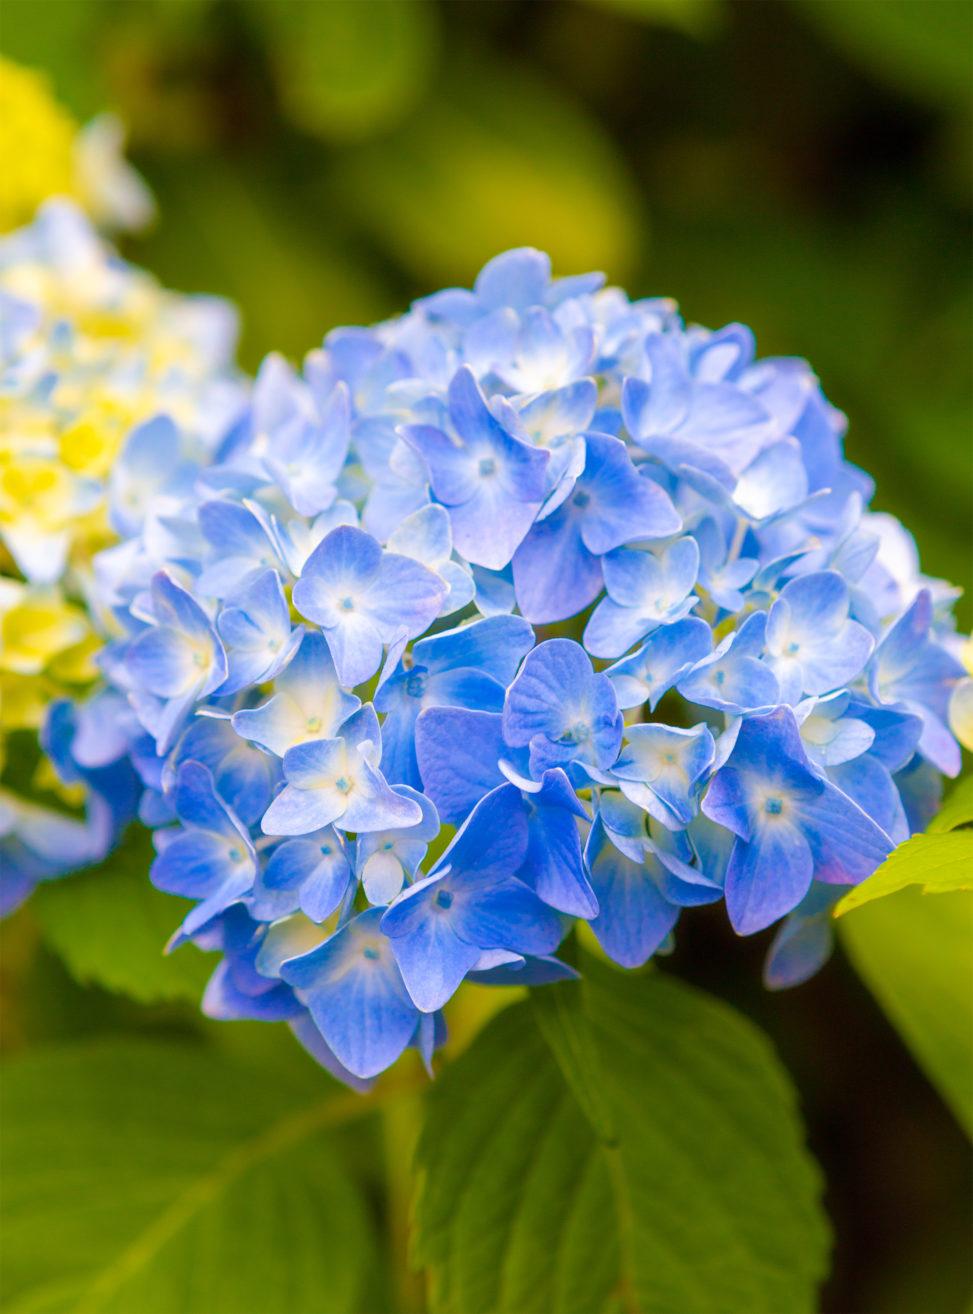 鮮やかな青色の紫陽花(あじさい)の写真素材